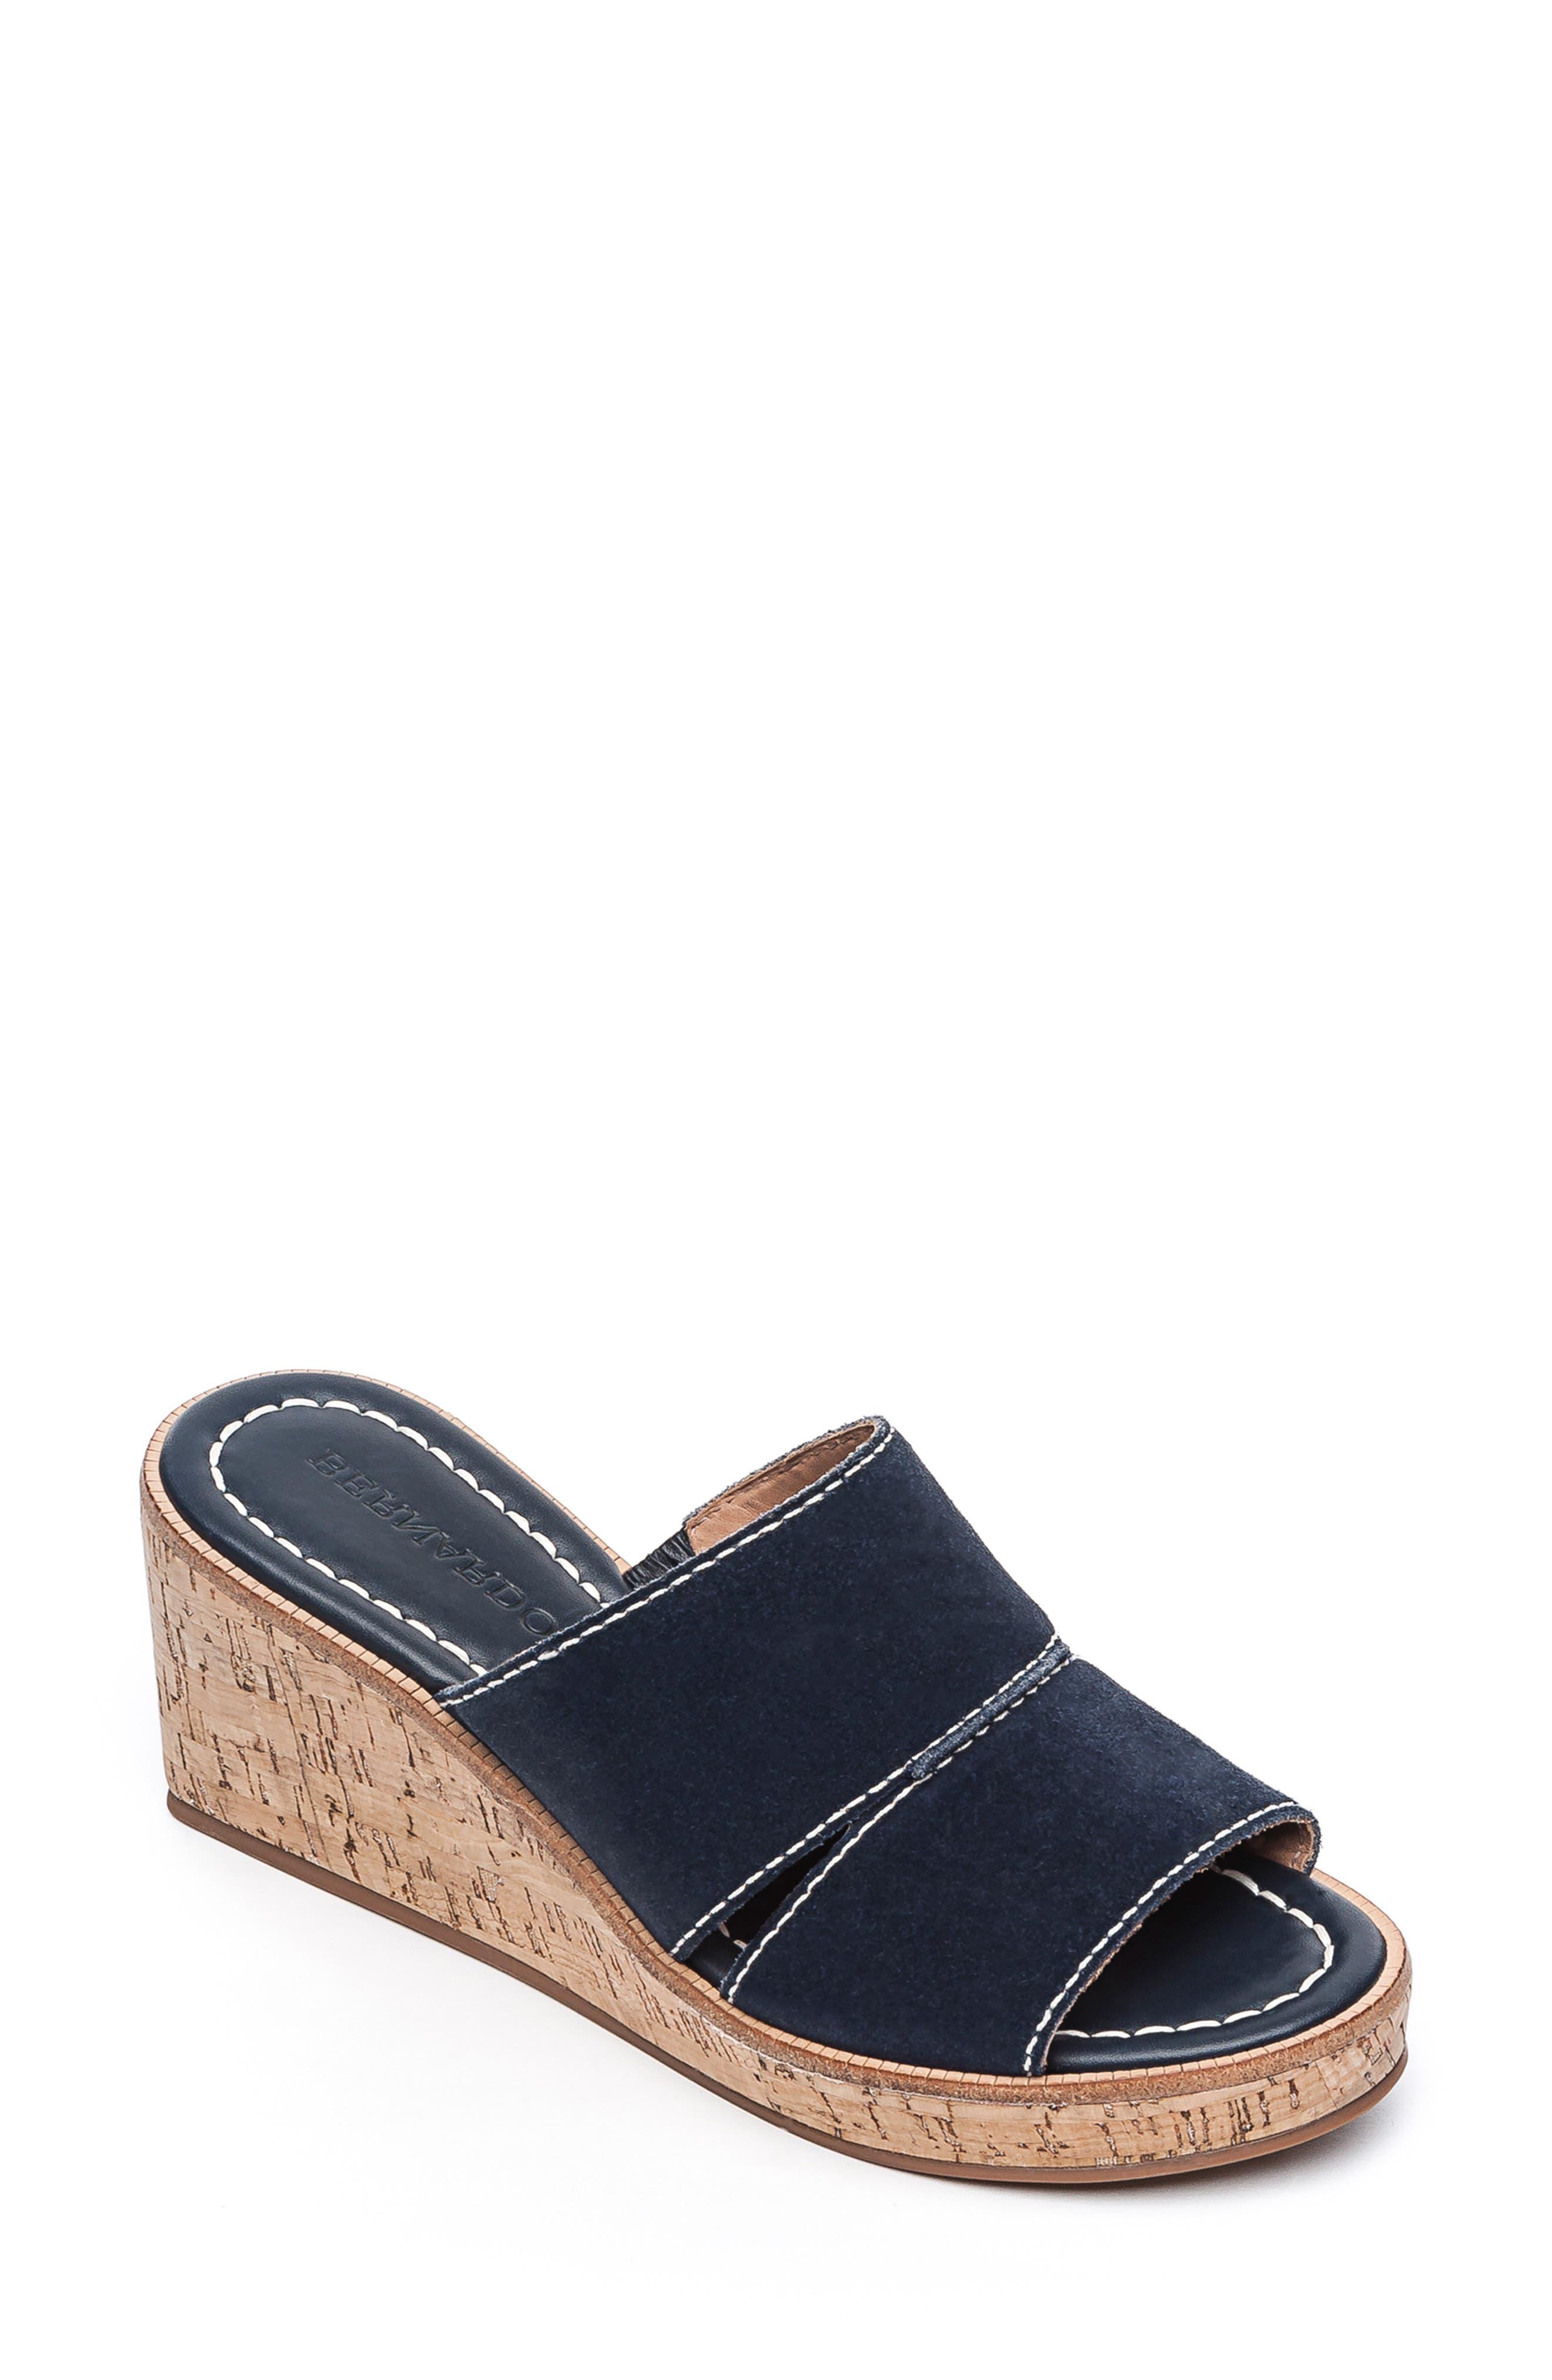 BERNARDO Kami Platform Wedge Slide Sandal, Main, color, NAVY SUEDE